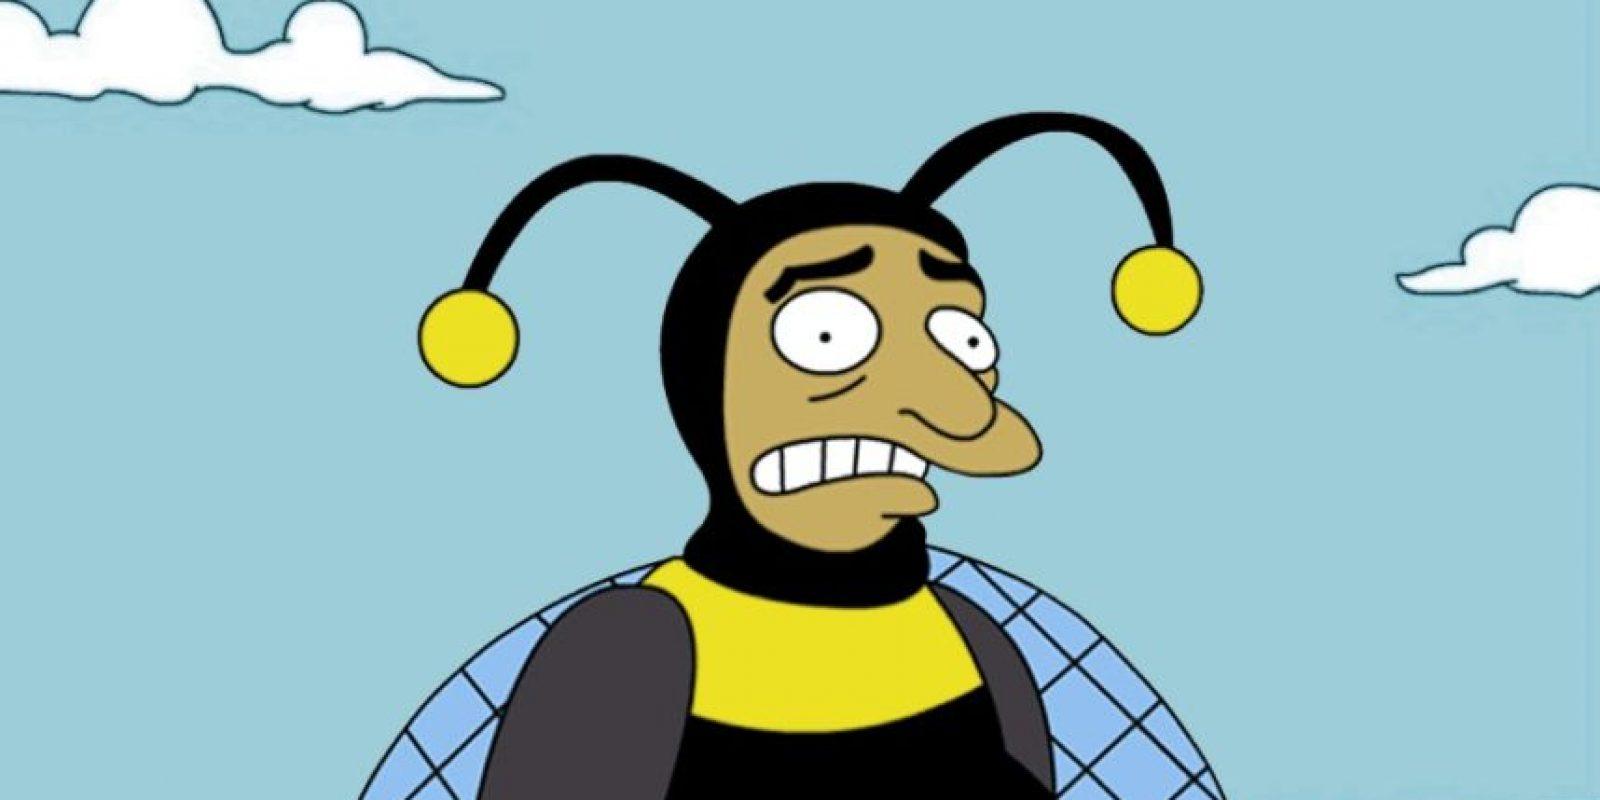 """""""El Hombre Abejorro"""" o """"Bumblebee Man"""" es el personaje que crearon en """"Los Simpsons"""" inspirado en """"Chespirito"""" Foto:Fox"""